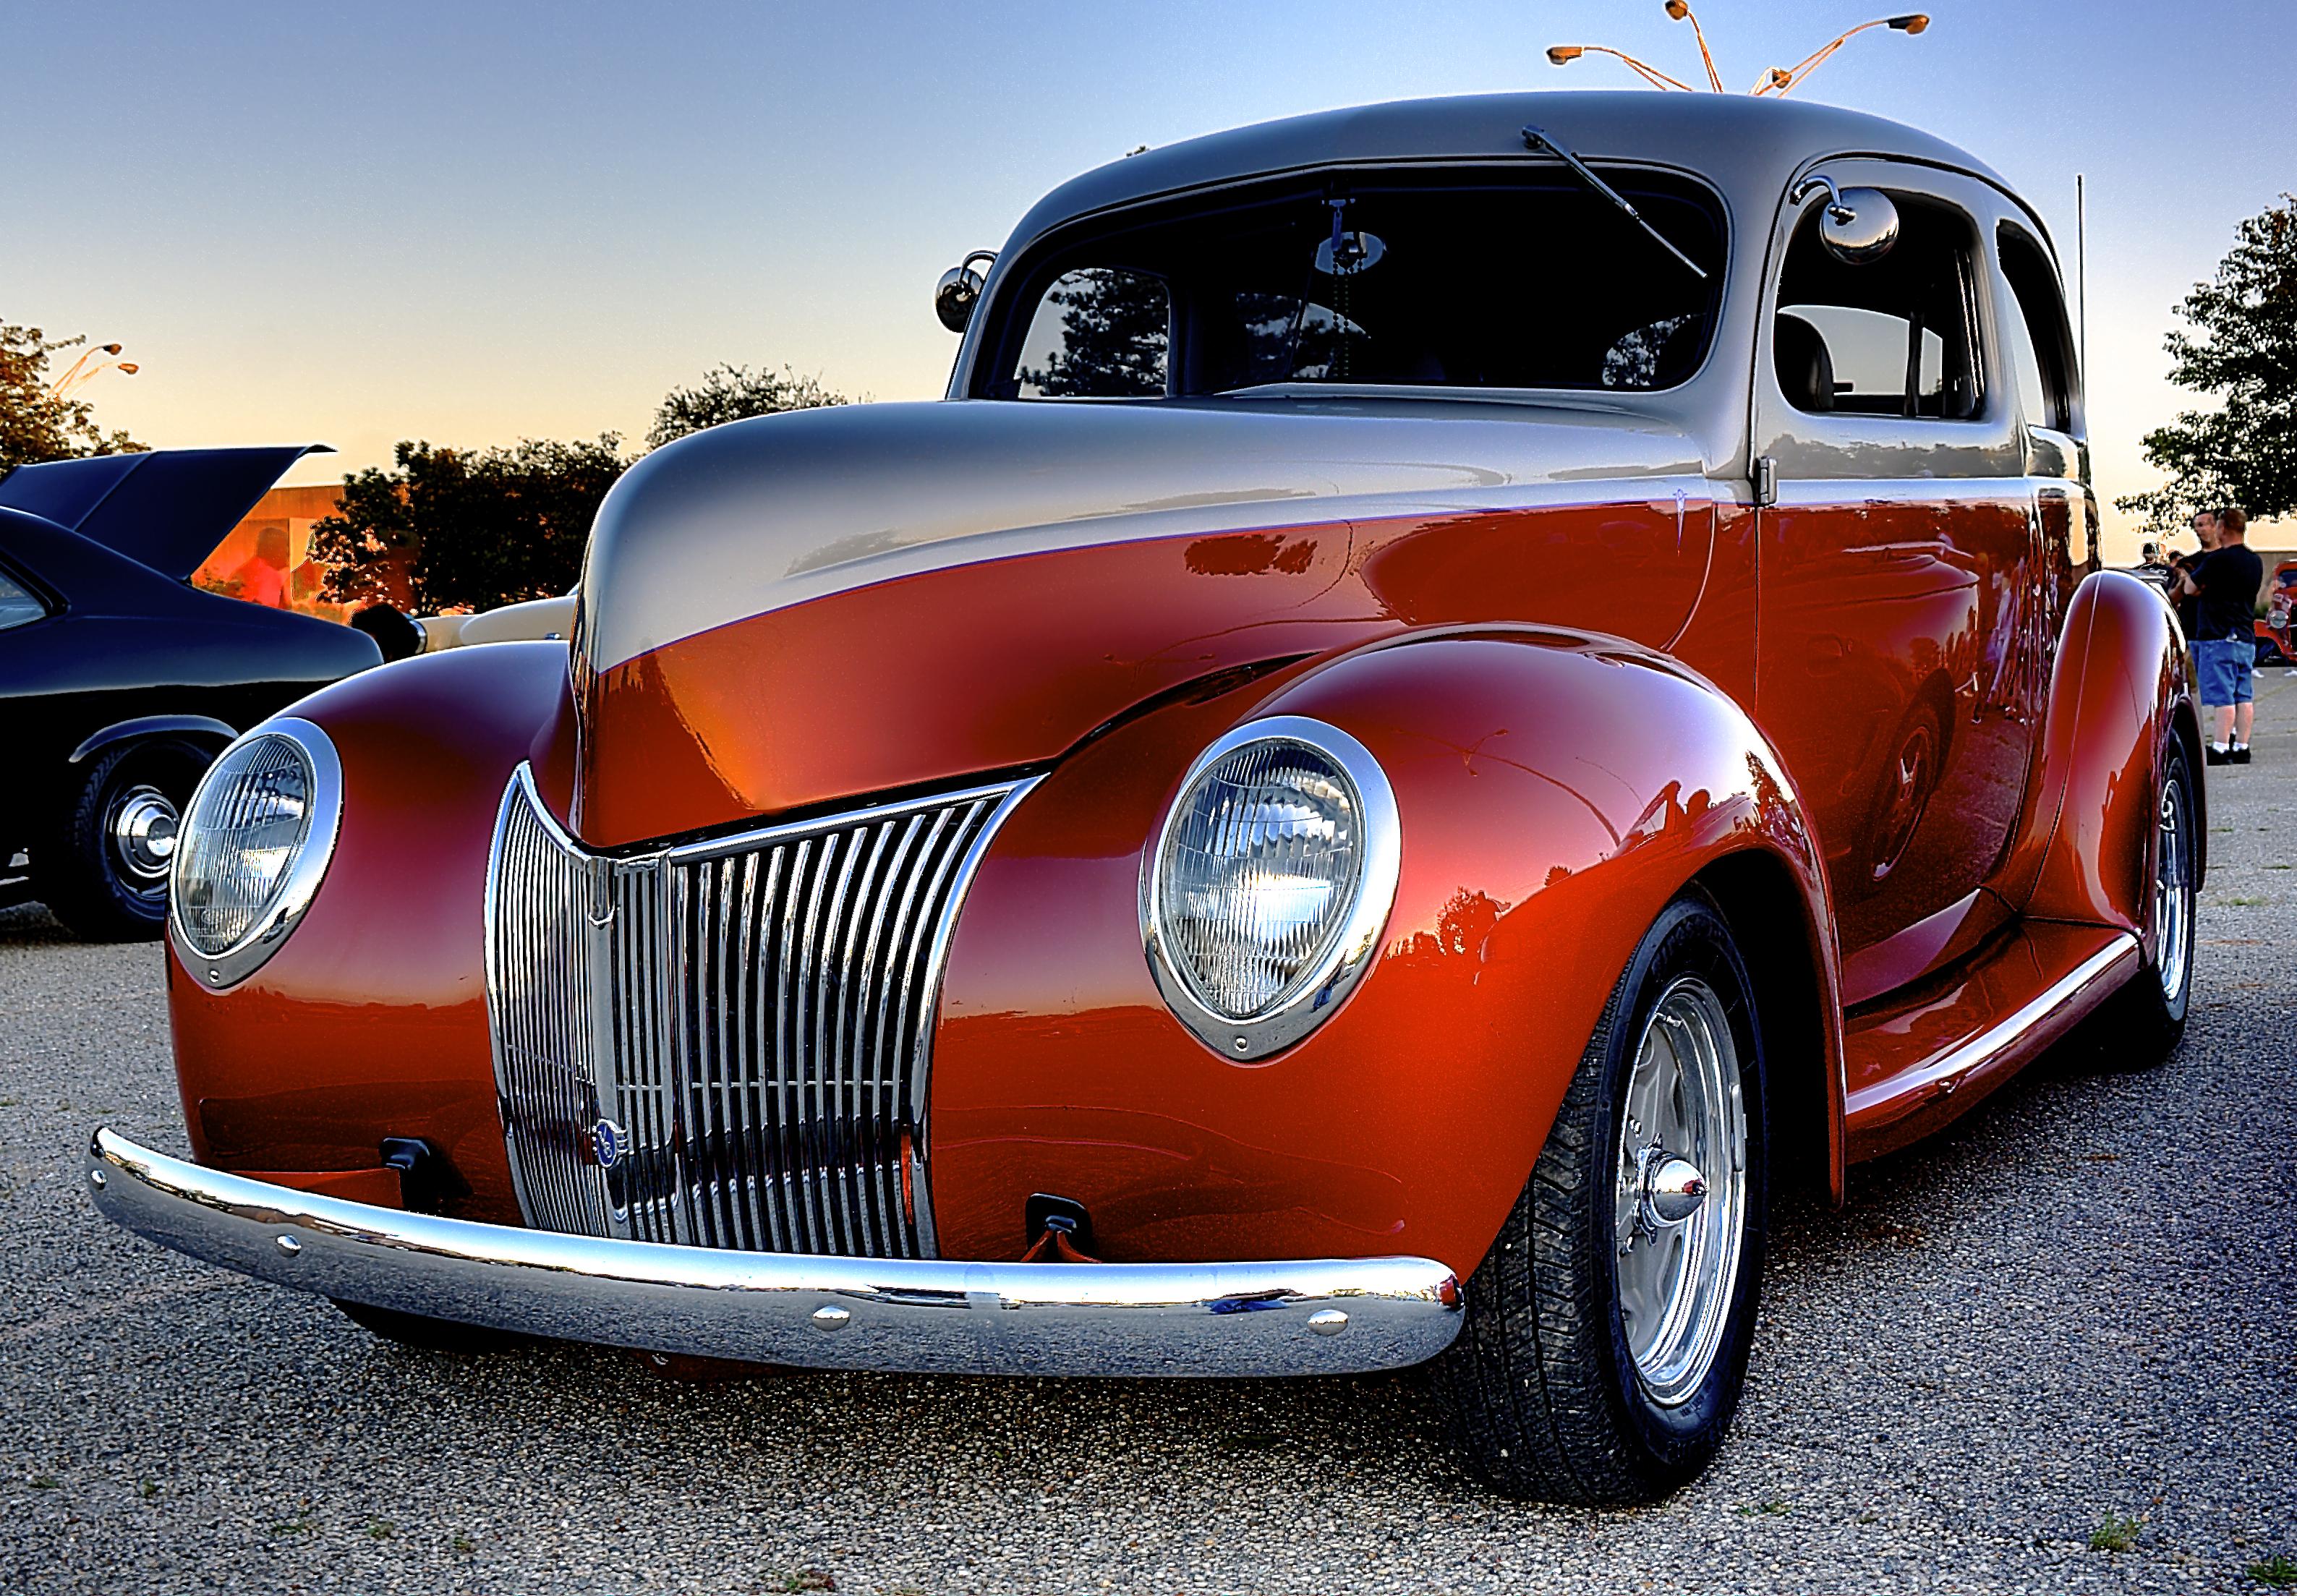 Old Car | HDR creme